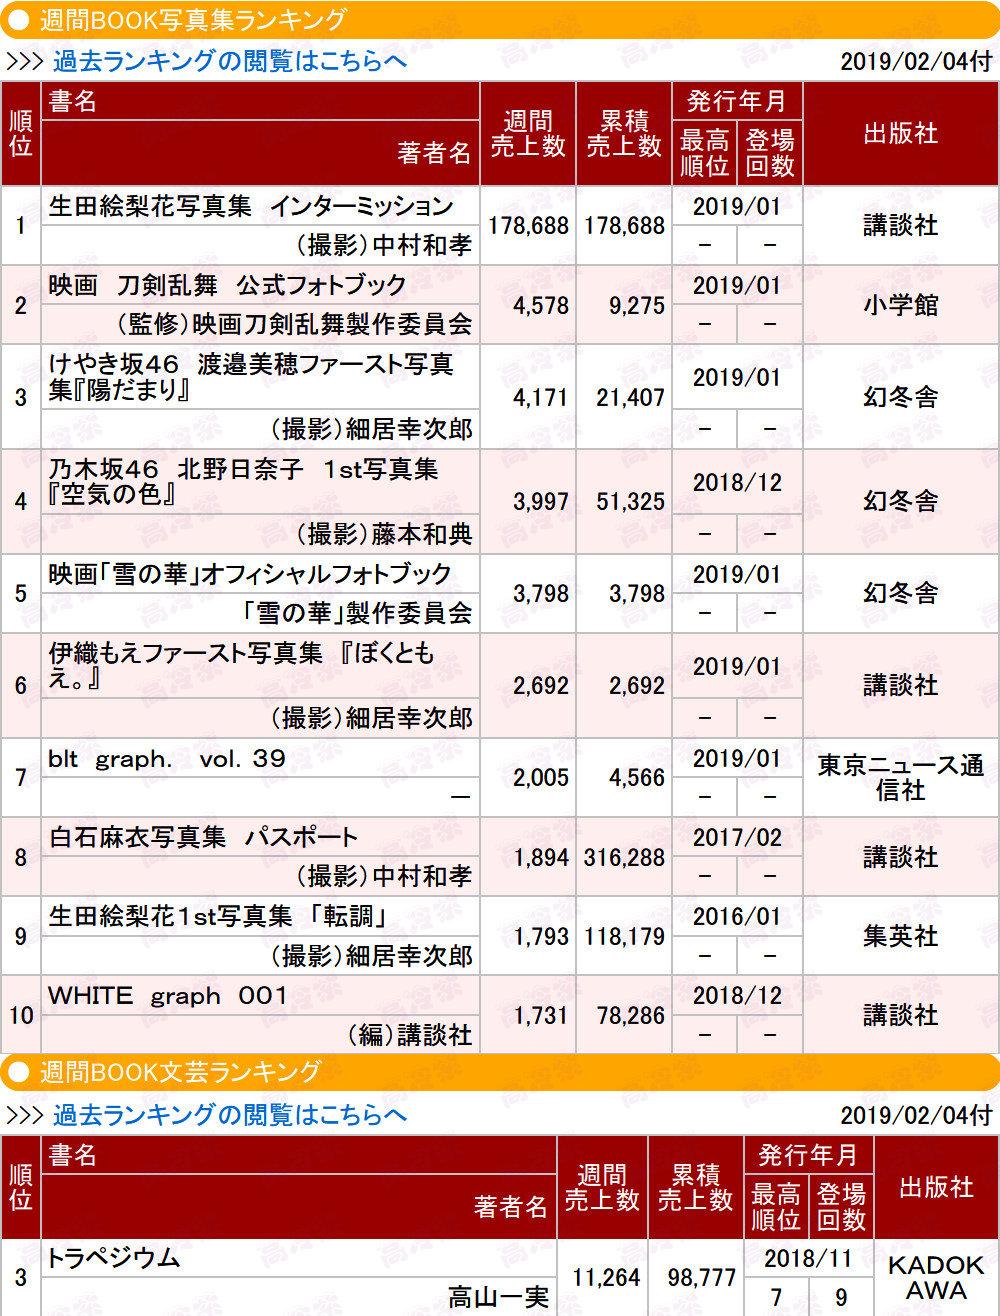 乃木坂46生田絵梨花2nd写真集『インターミッション』初週17.9万部